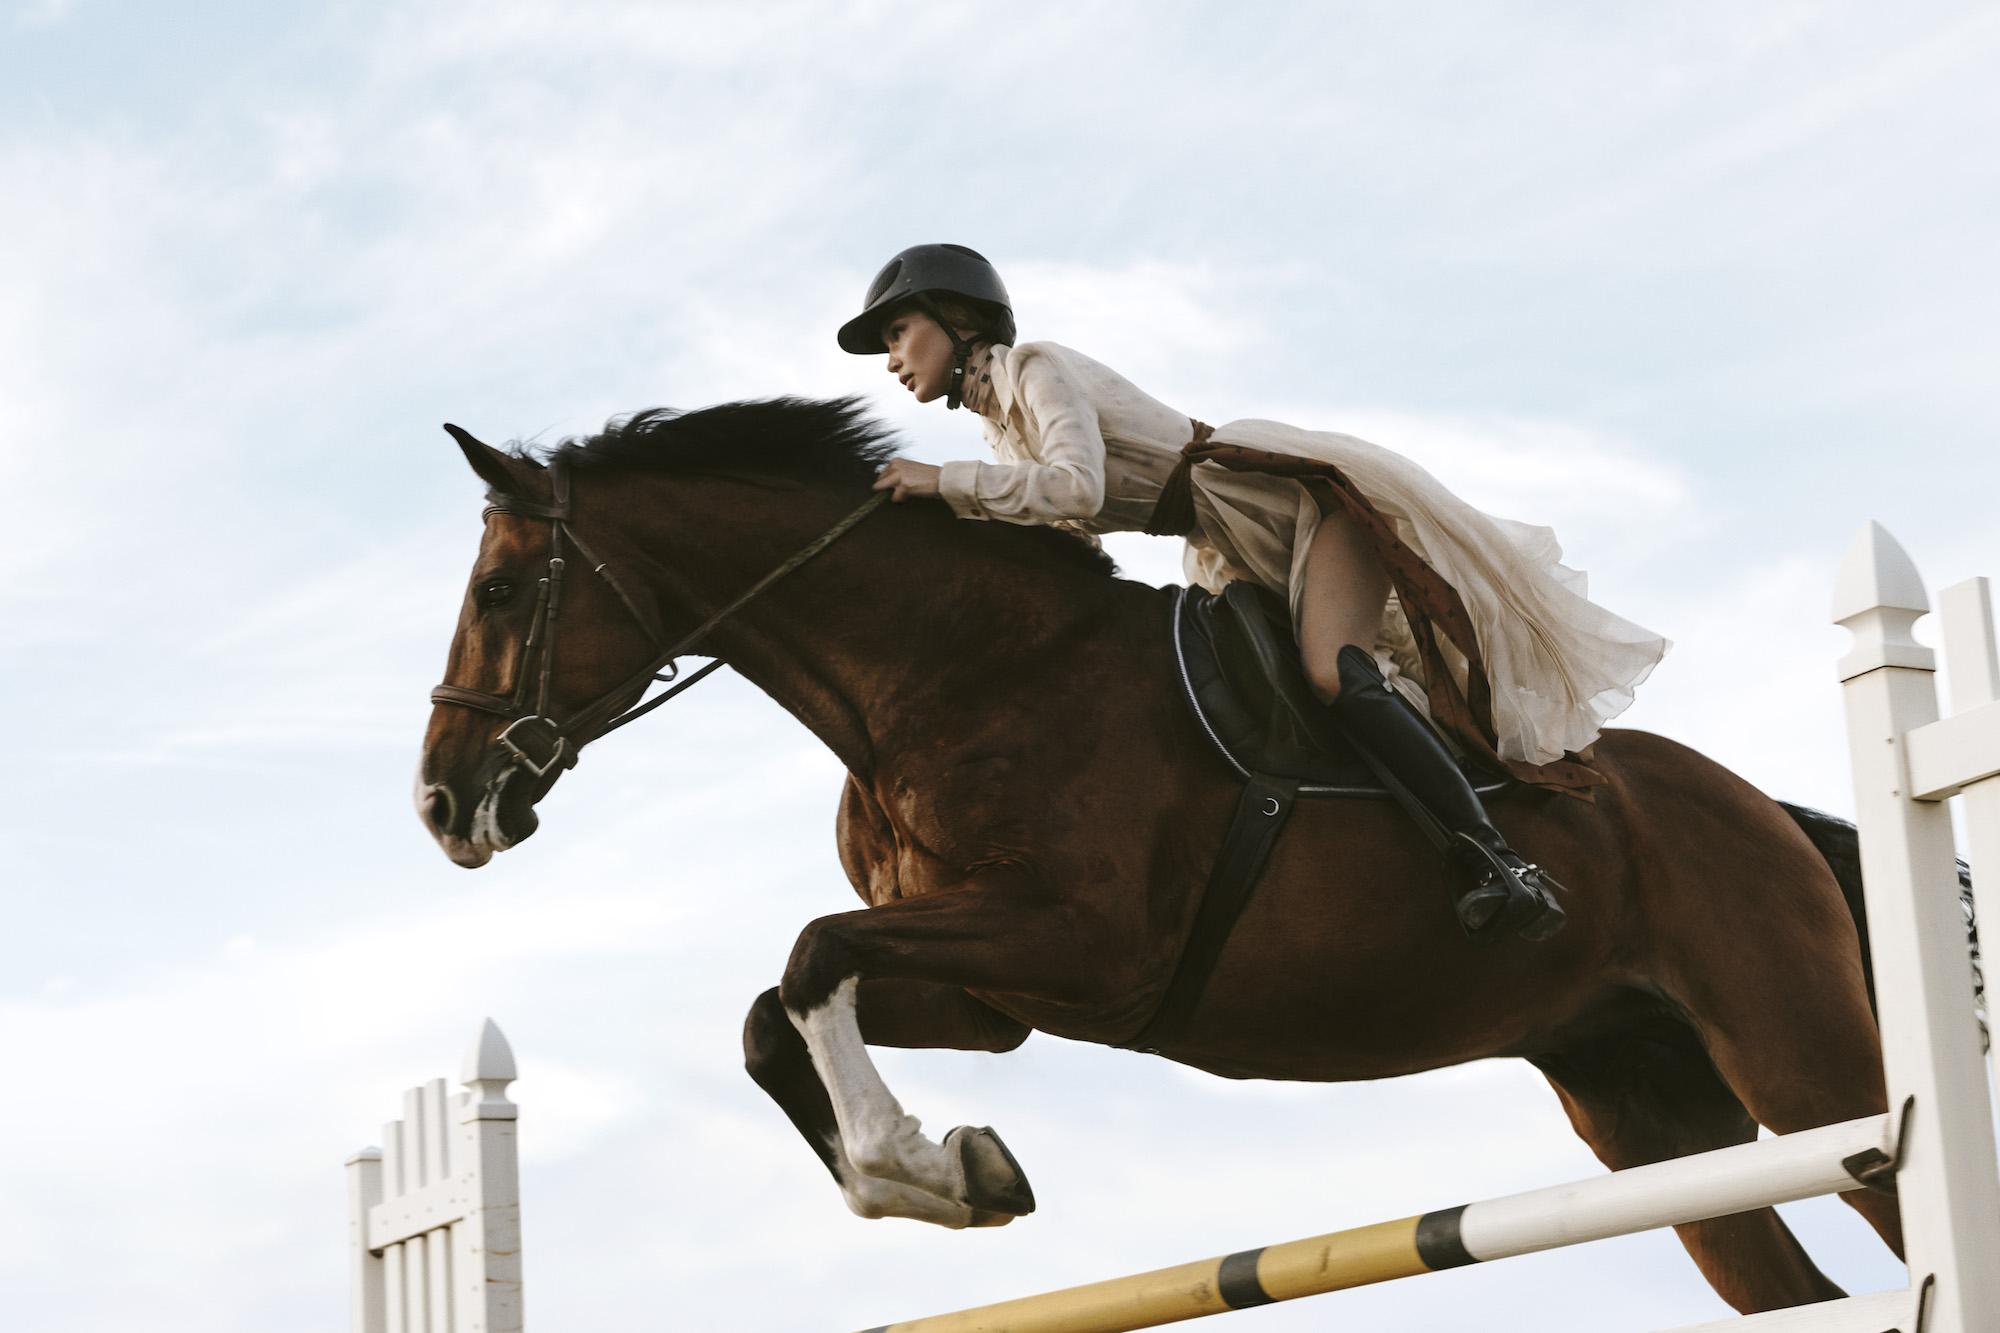 Blair Getz Mezibov For V Magazine Fall 2019 W Bella Hadid In Full Gallop La Cavaliere Masquee